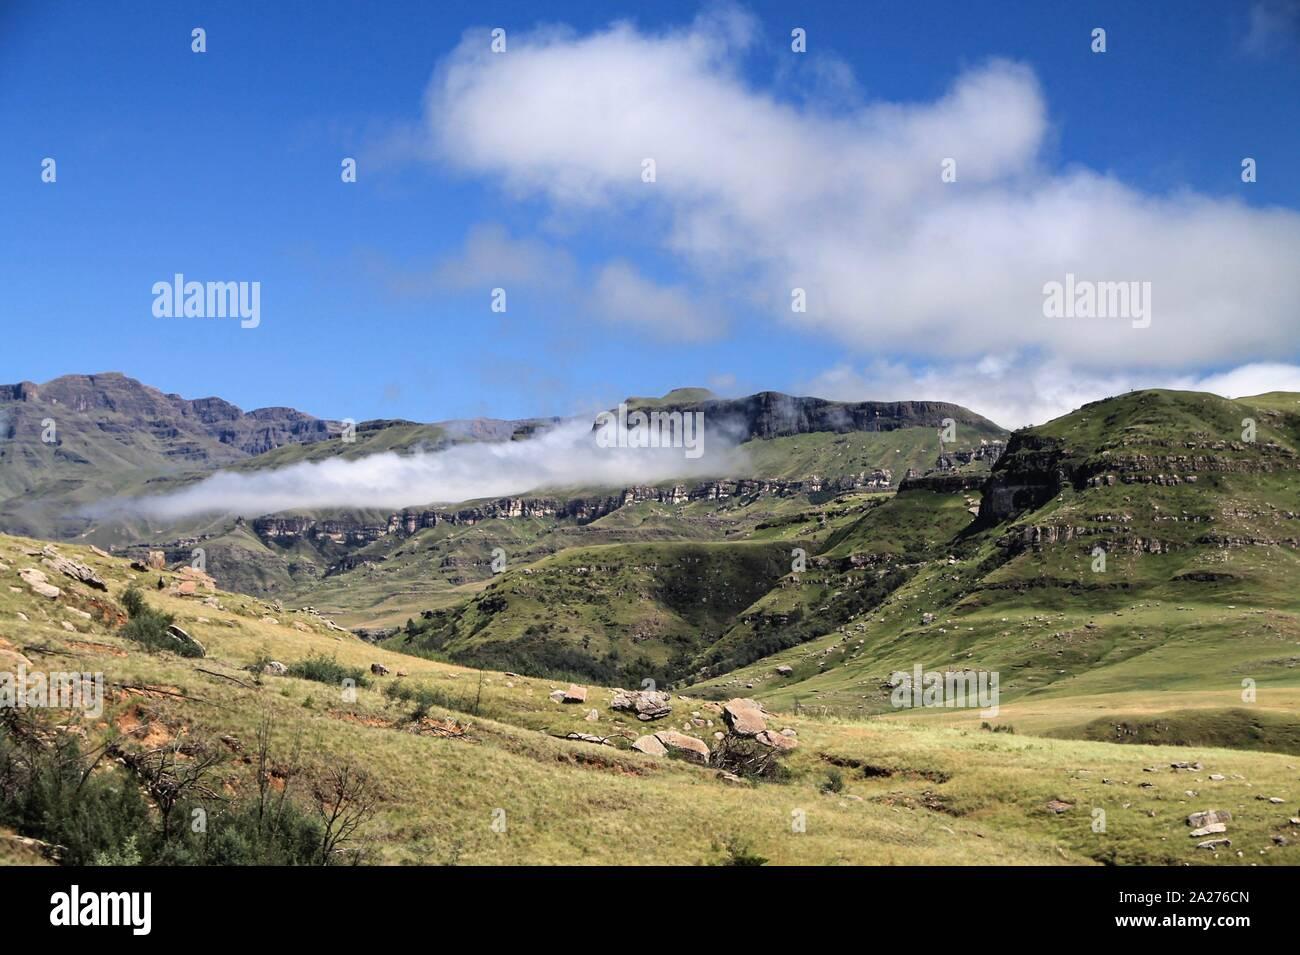 Grünes Gebirge in den Wolken Stock Photo